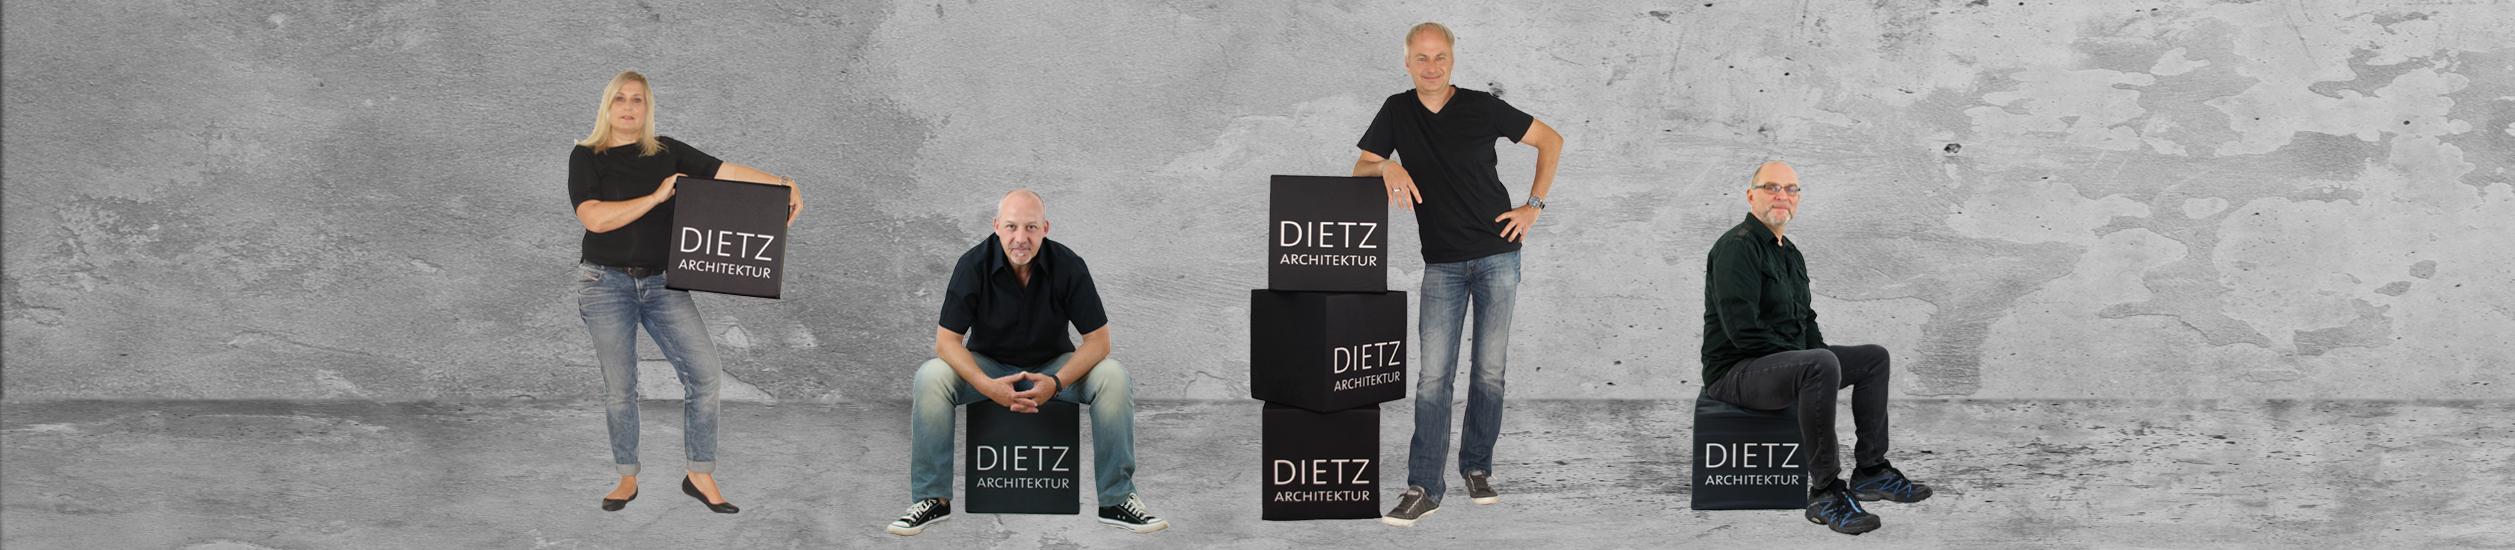 Dietz architektur adelinde m ller for Architekturstudium fh